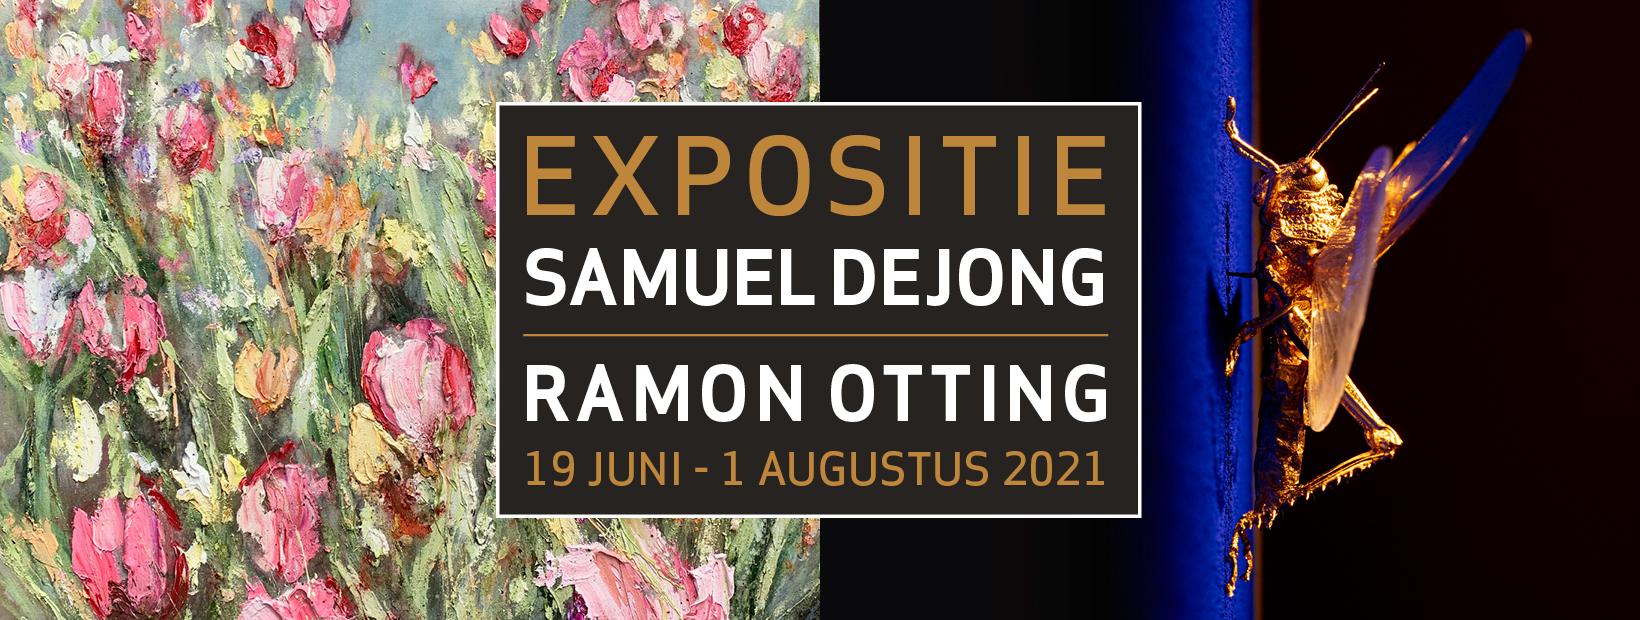 Duo expositie Ramon Otting & Samuel Dejong Van Loon Galleries